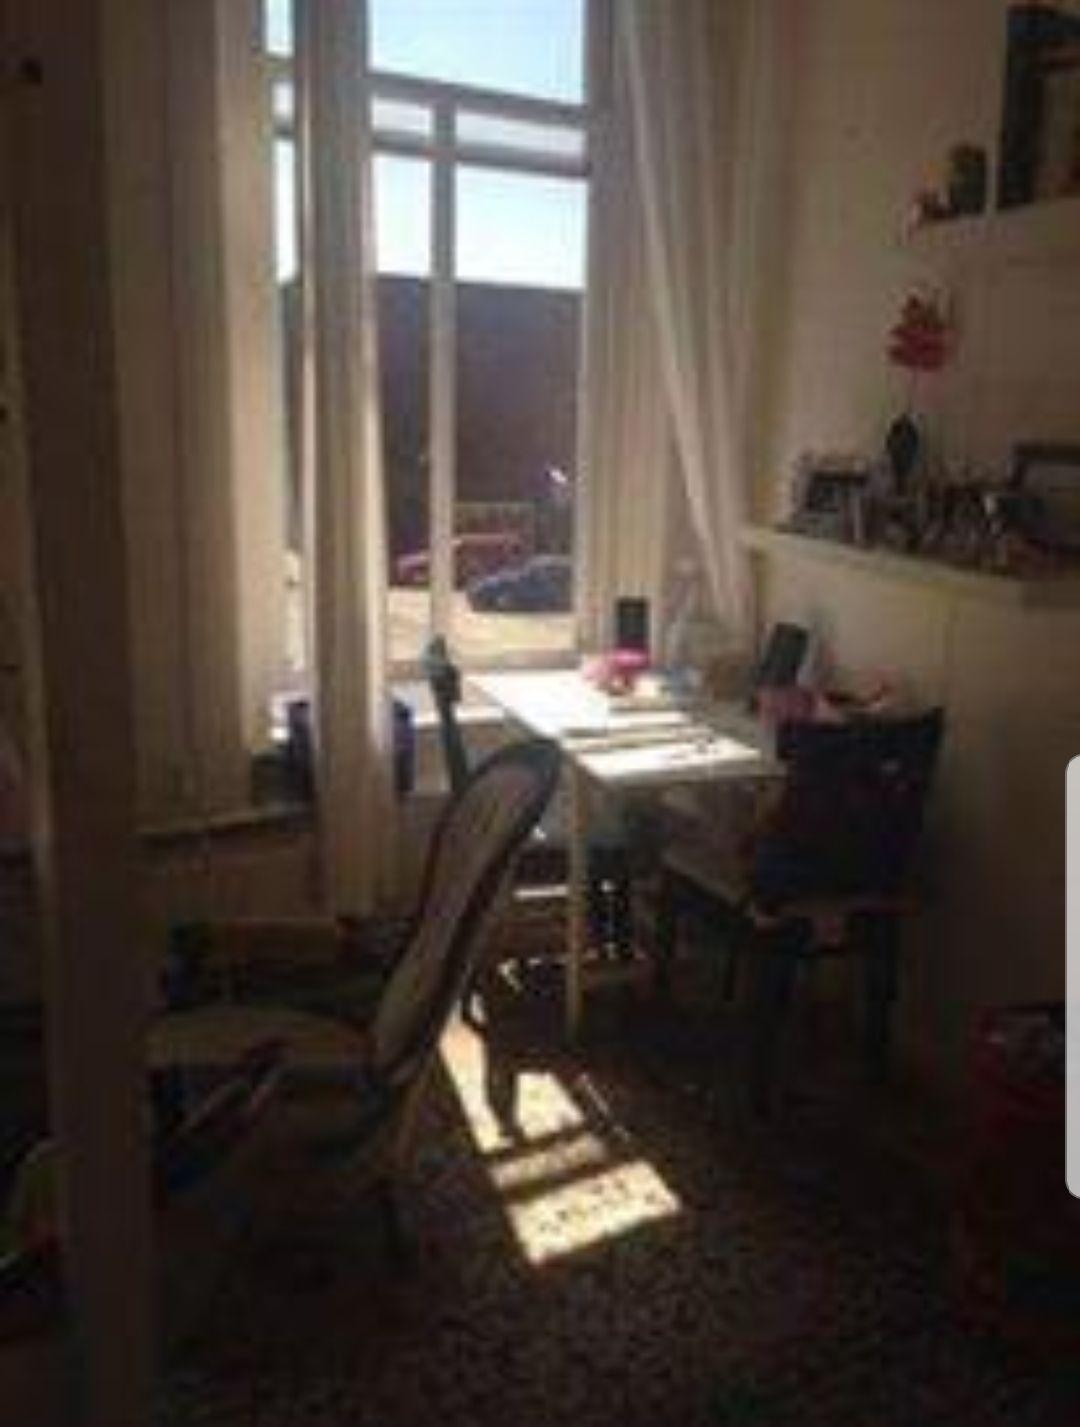 Groningen Student Room Scam